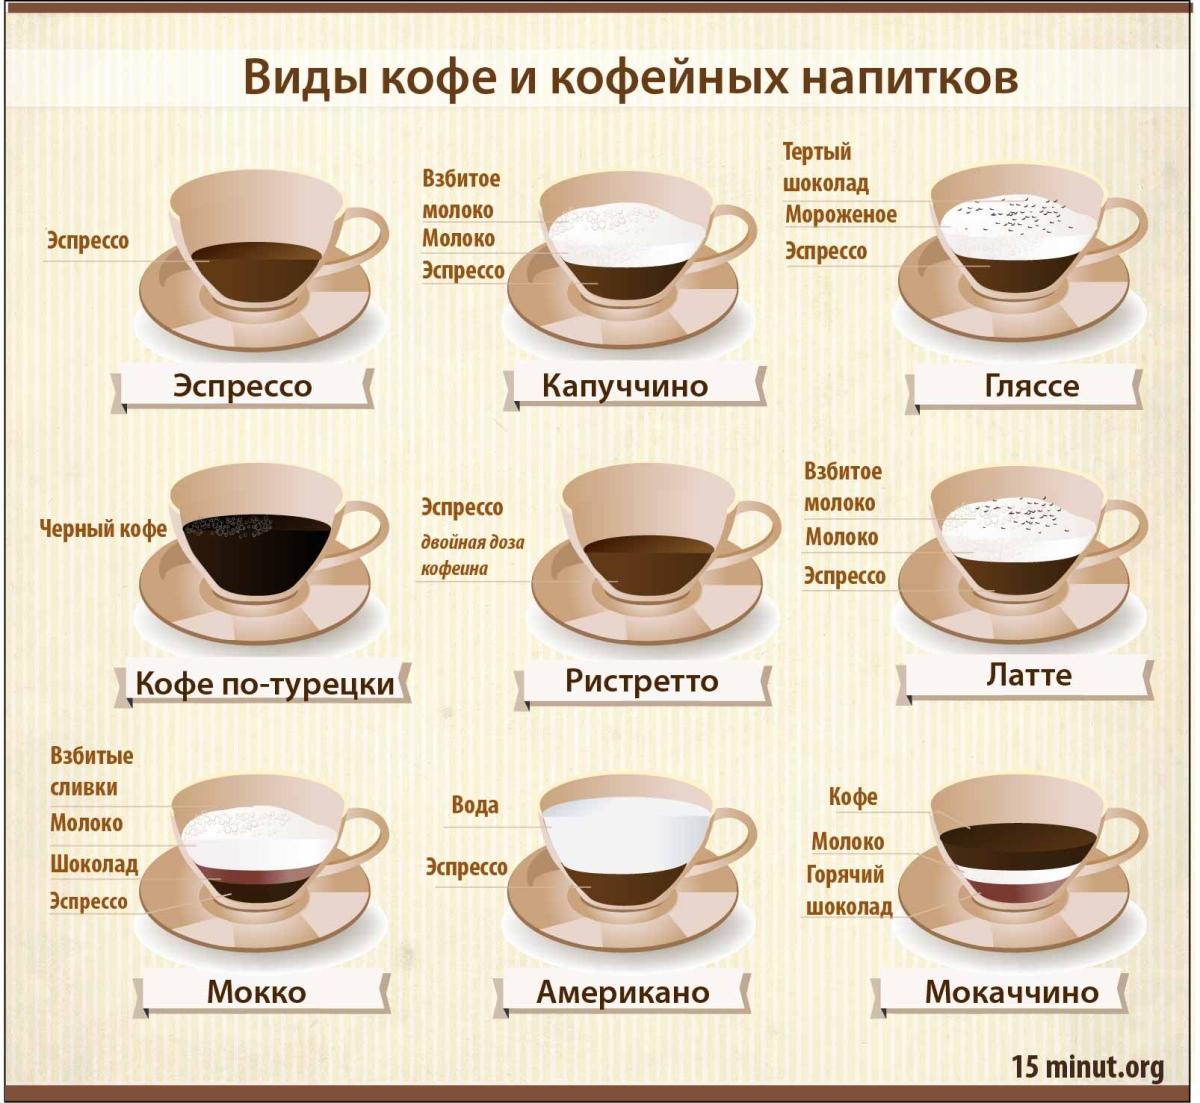 кофе виды2